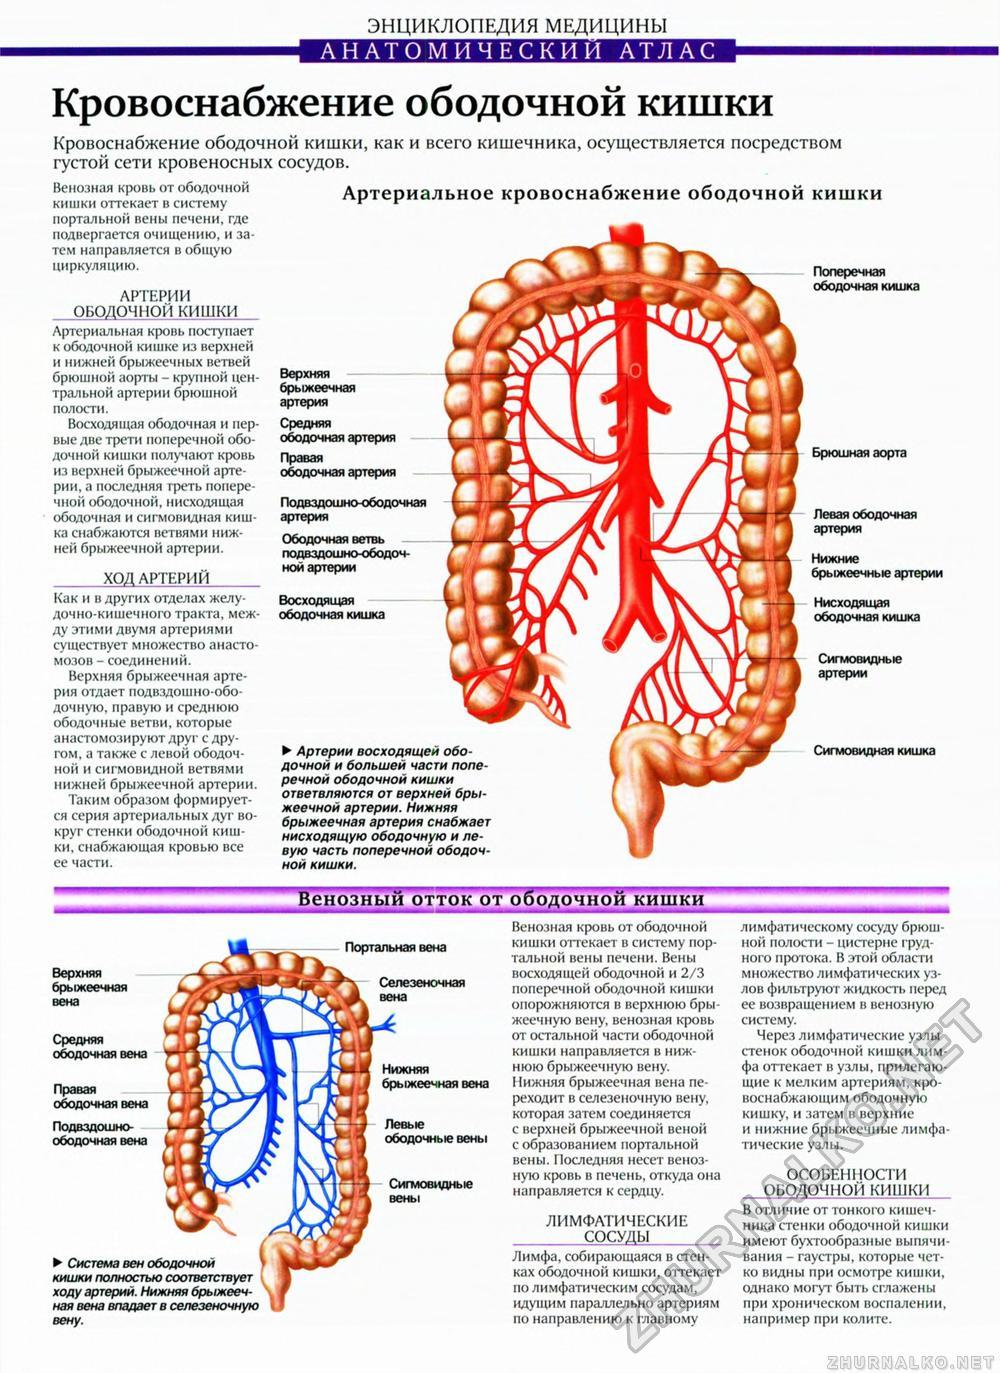 схема расположения кишечника в теле человека